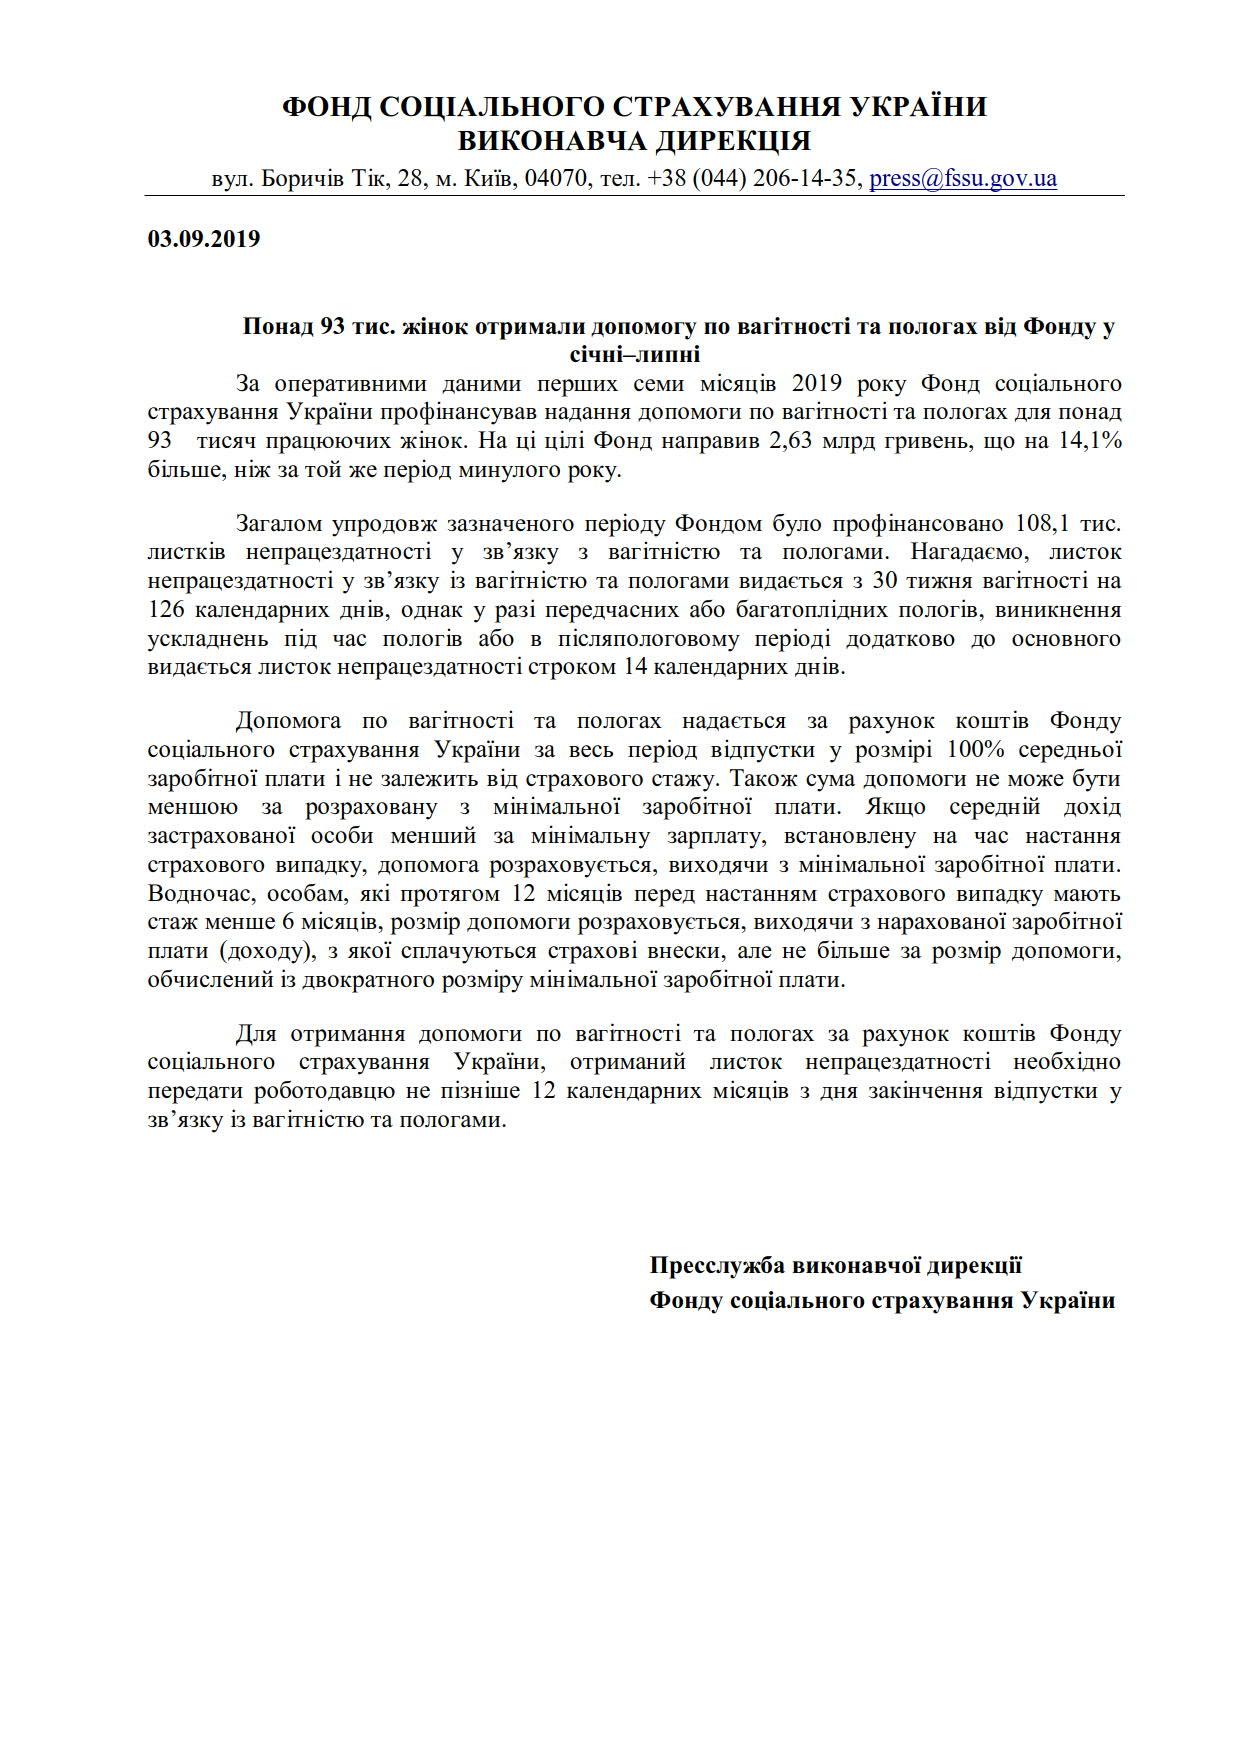 ФССУ_Допомога по вагітності 7 міс-1_1